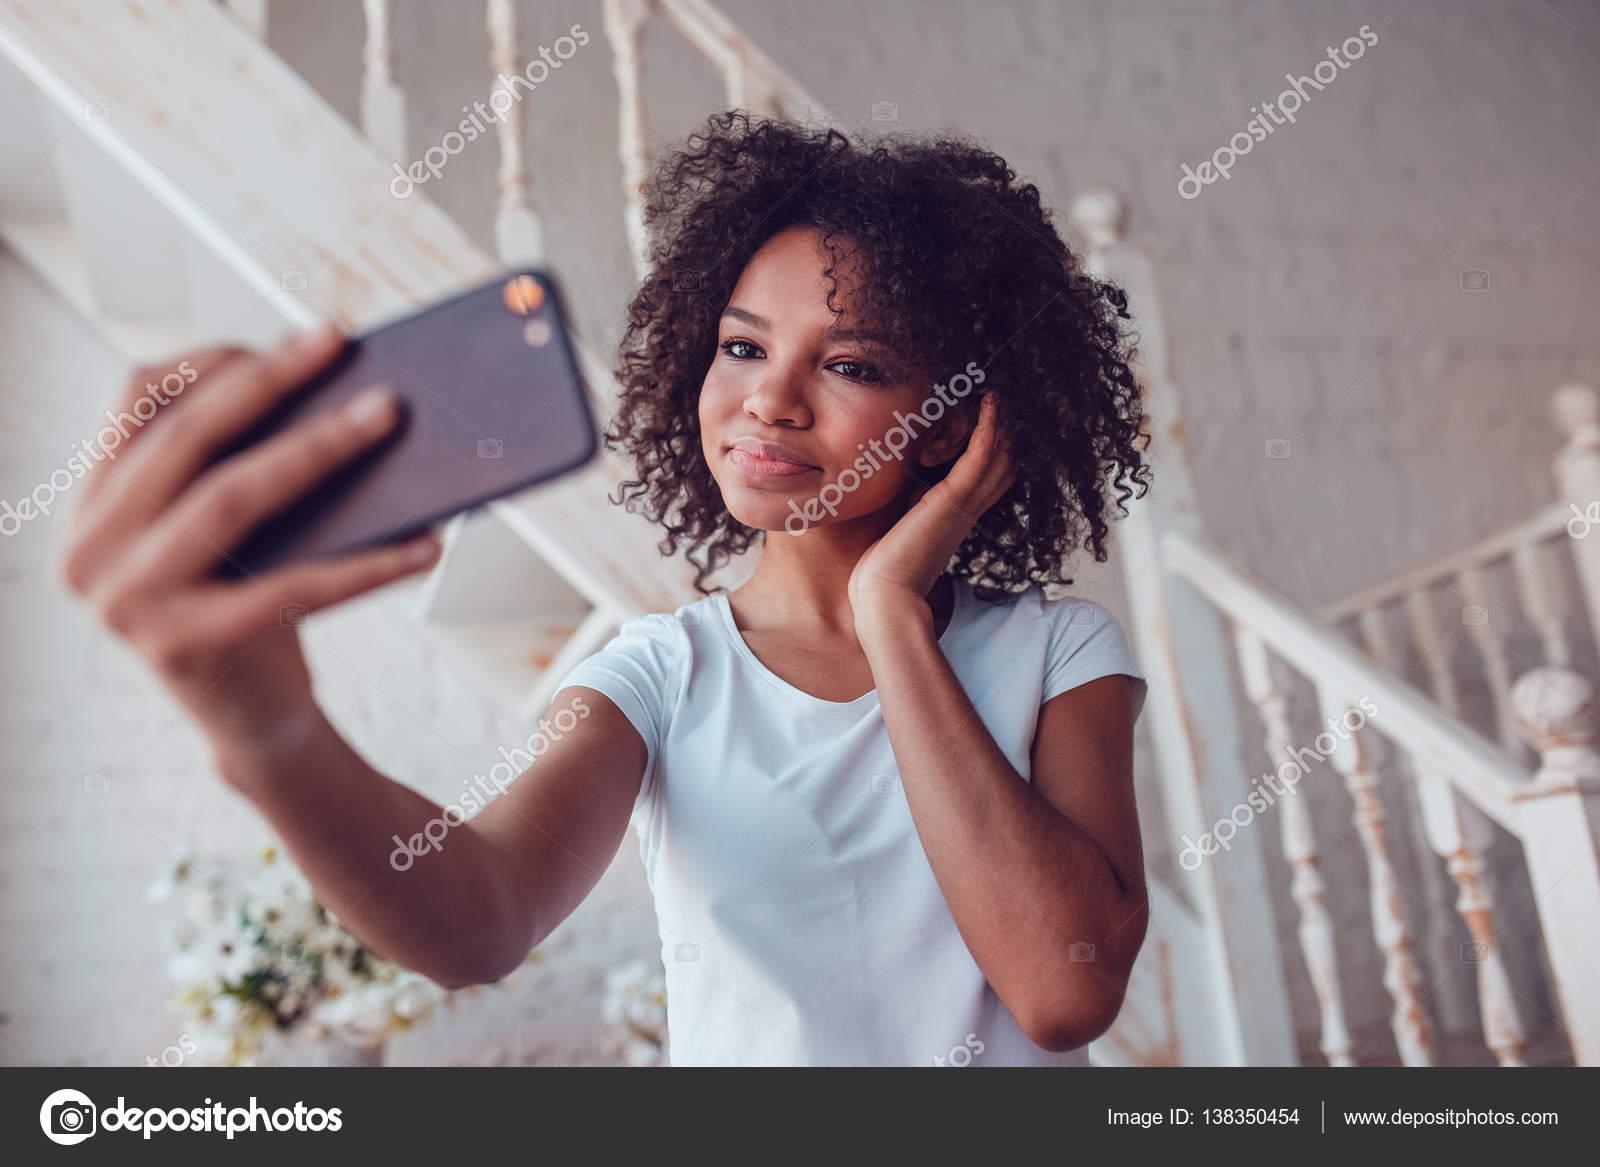 Как сделать красивую фотографию девушке